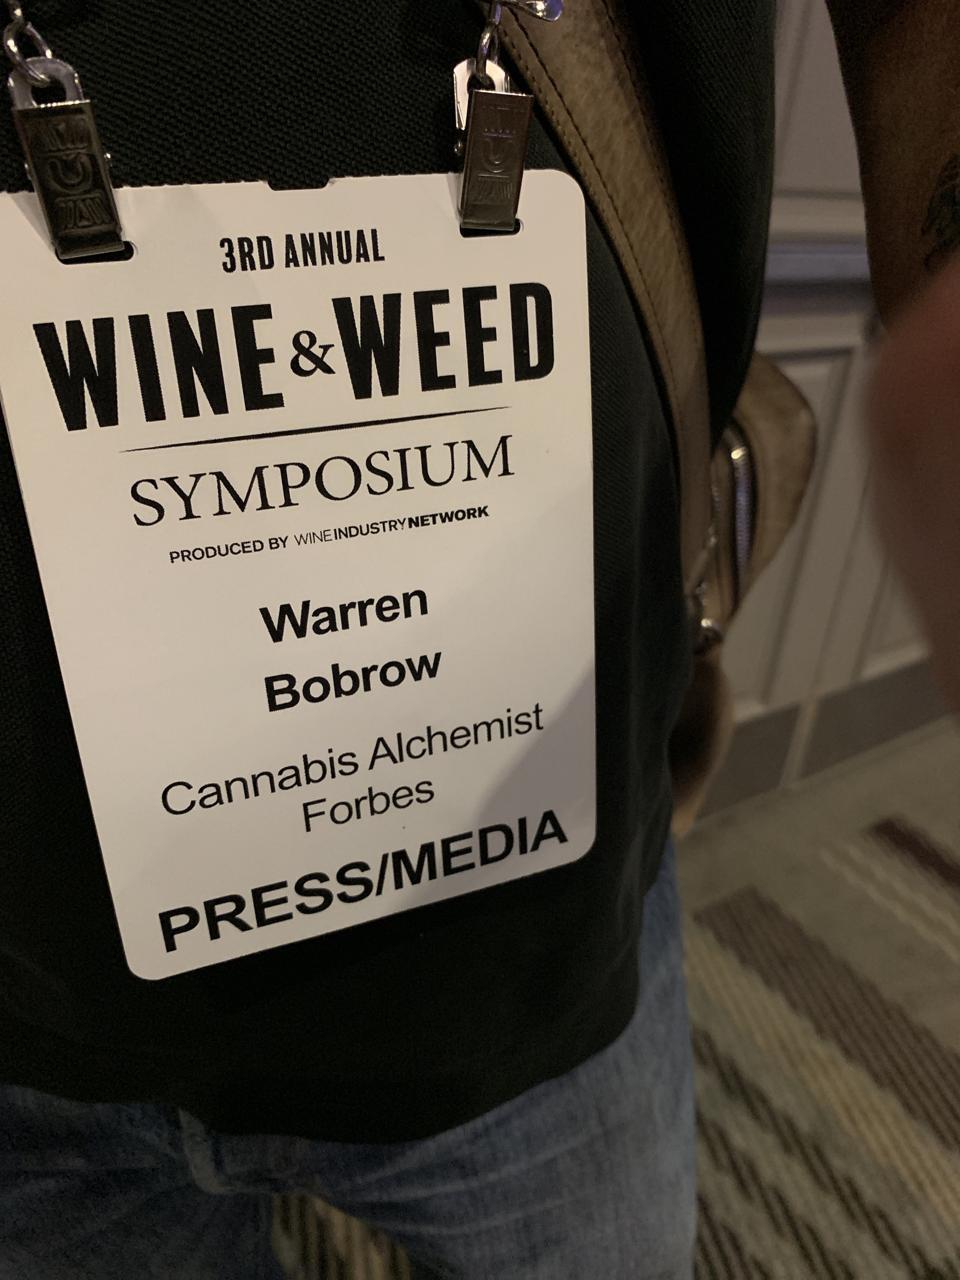 WB at Wine & Weed